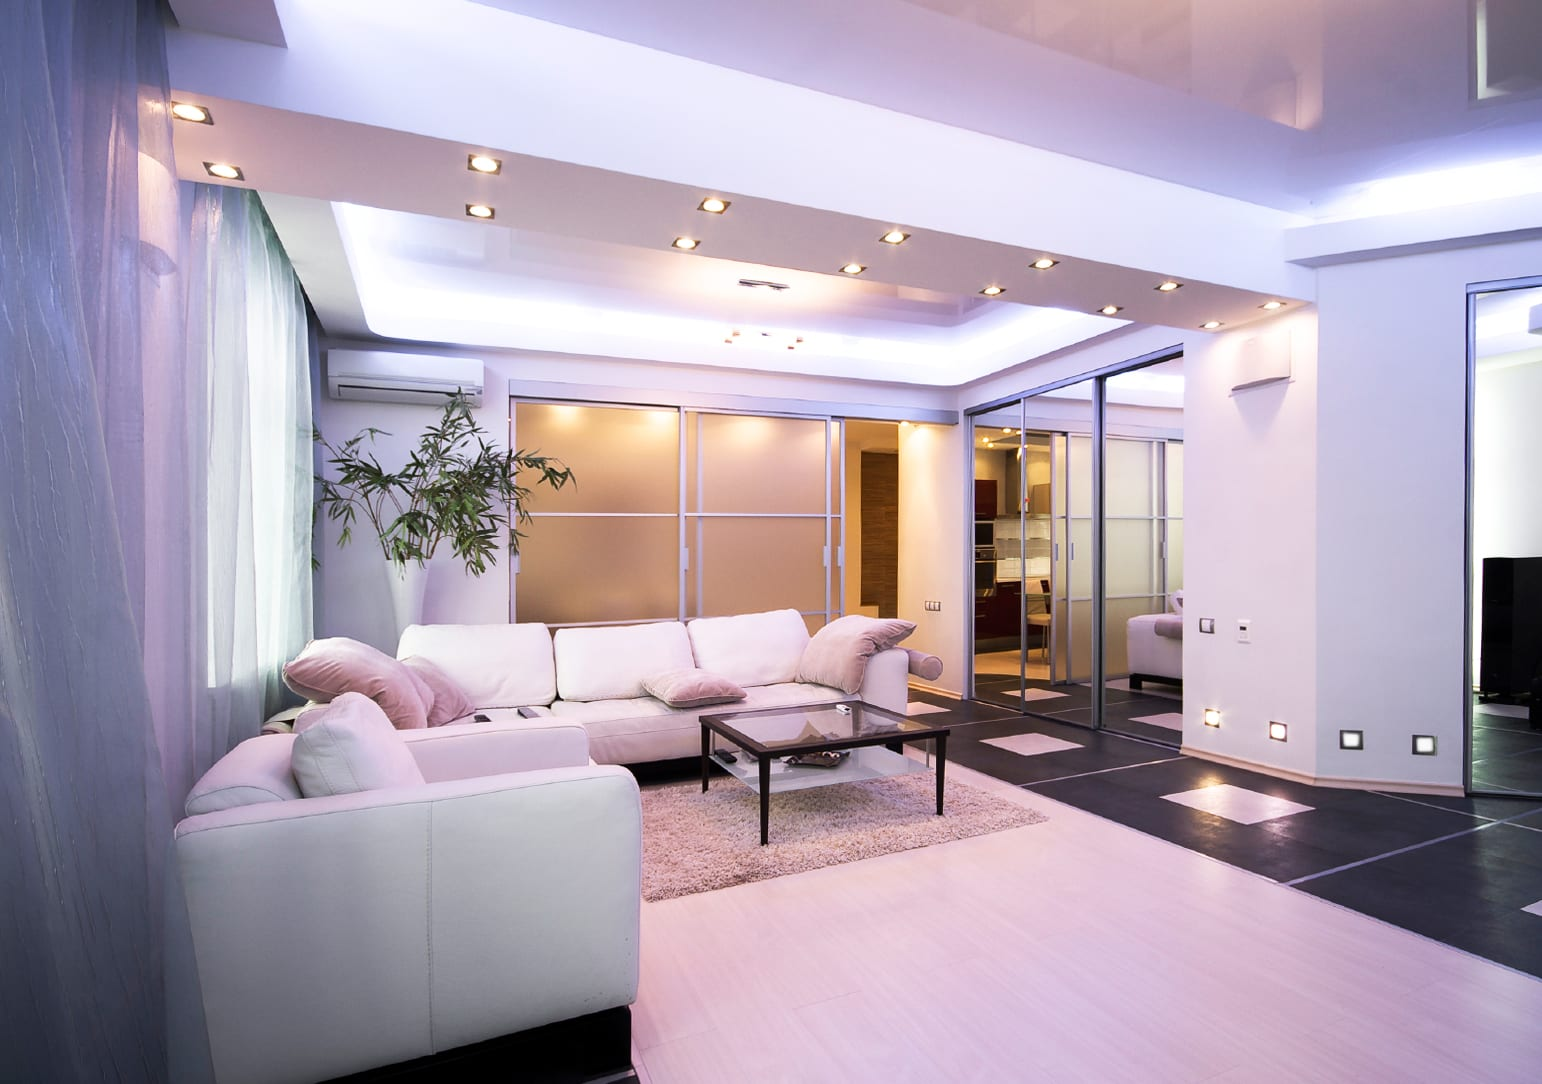 beleuchtungsideen f r wohnzimmer mit deckenleichten und indirekter deckenbeleuchtung freshouse. Black Bedroom Furniture Sets. Home Design Ideas